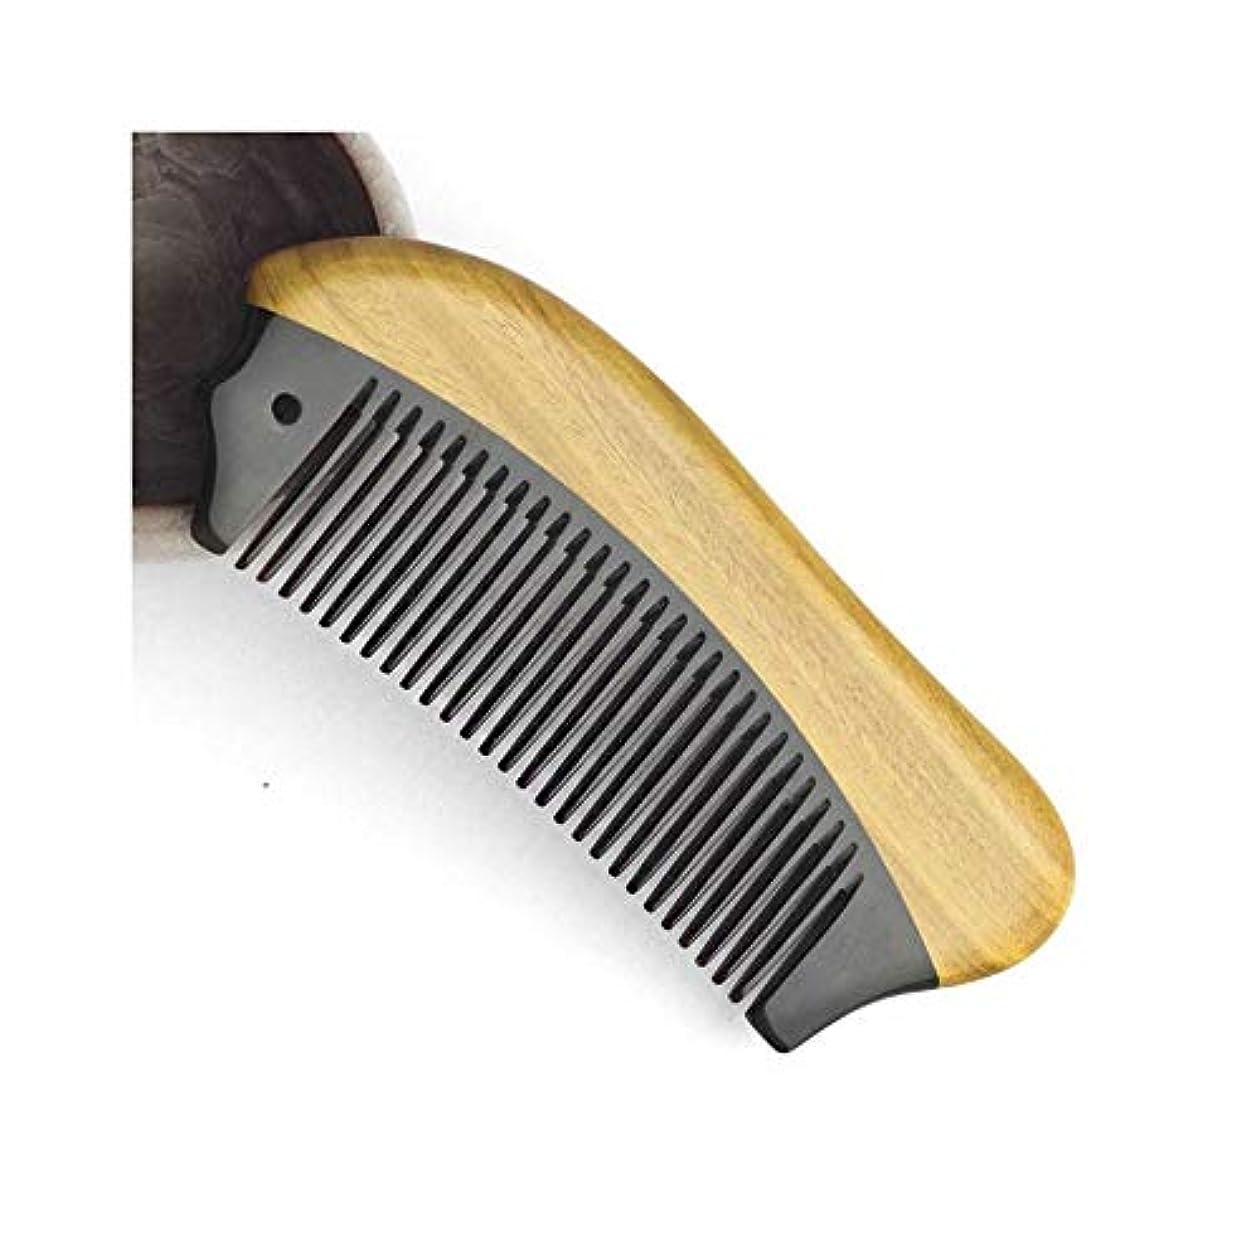 浸す詩以降WASAIO ヘアブラシ静電気防止マッサージヘアコームナチュラルグリーンサンダルウッドコーム、12cm (色 : Photo color)